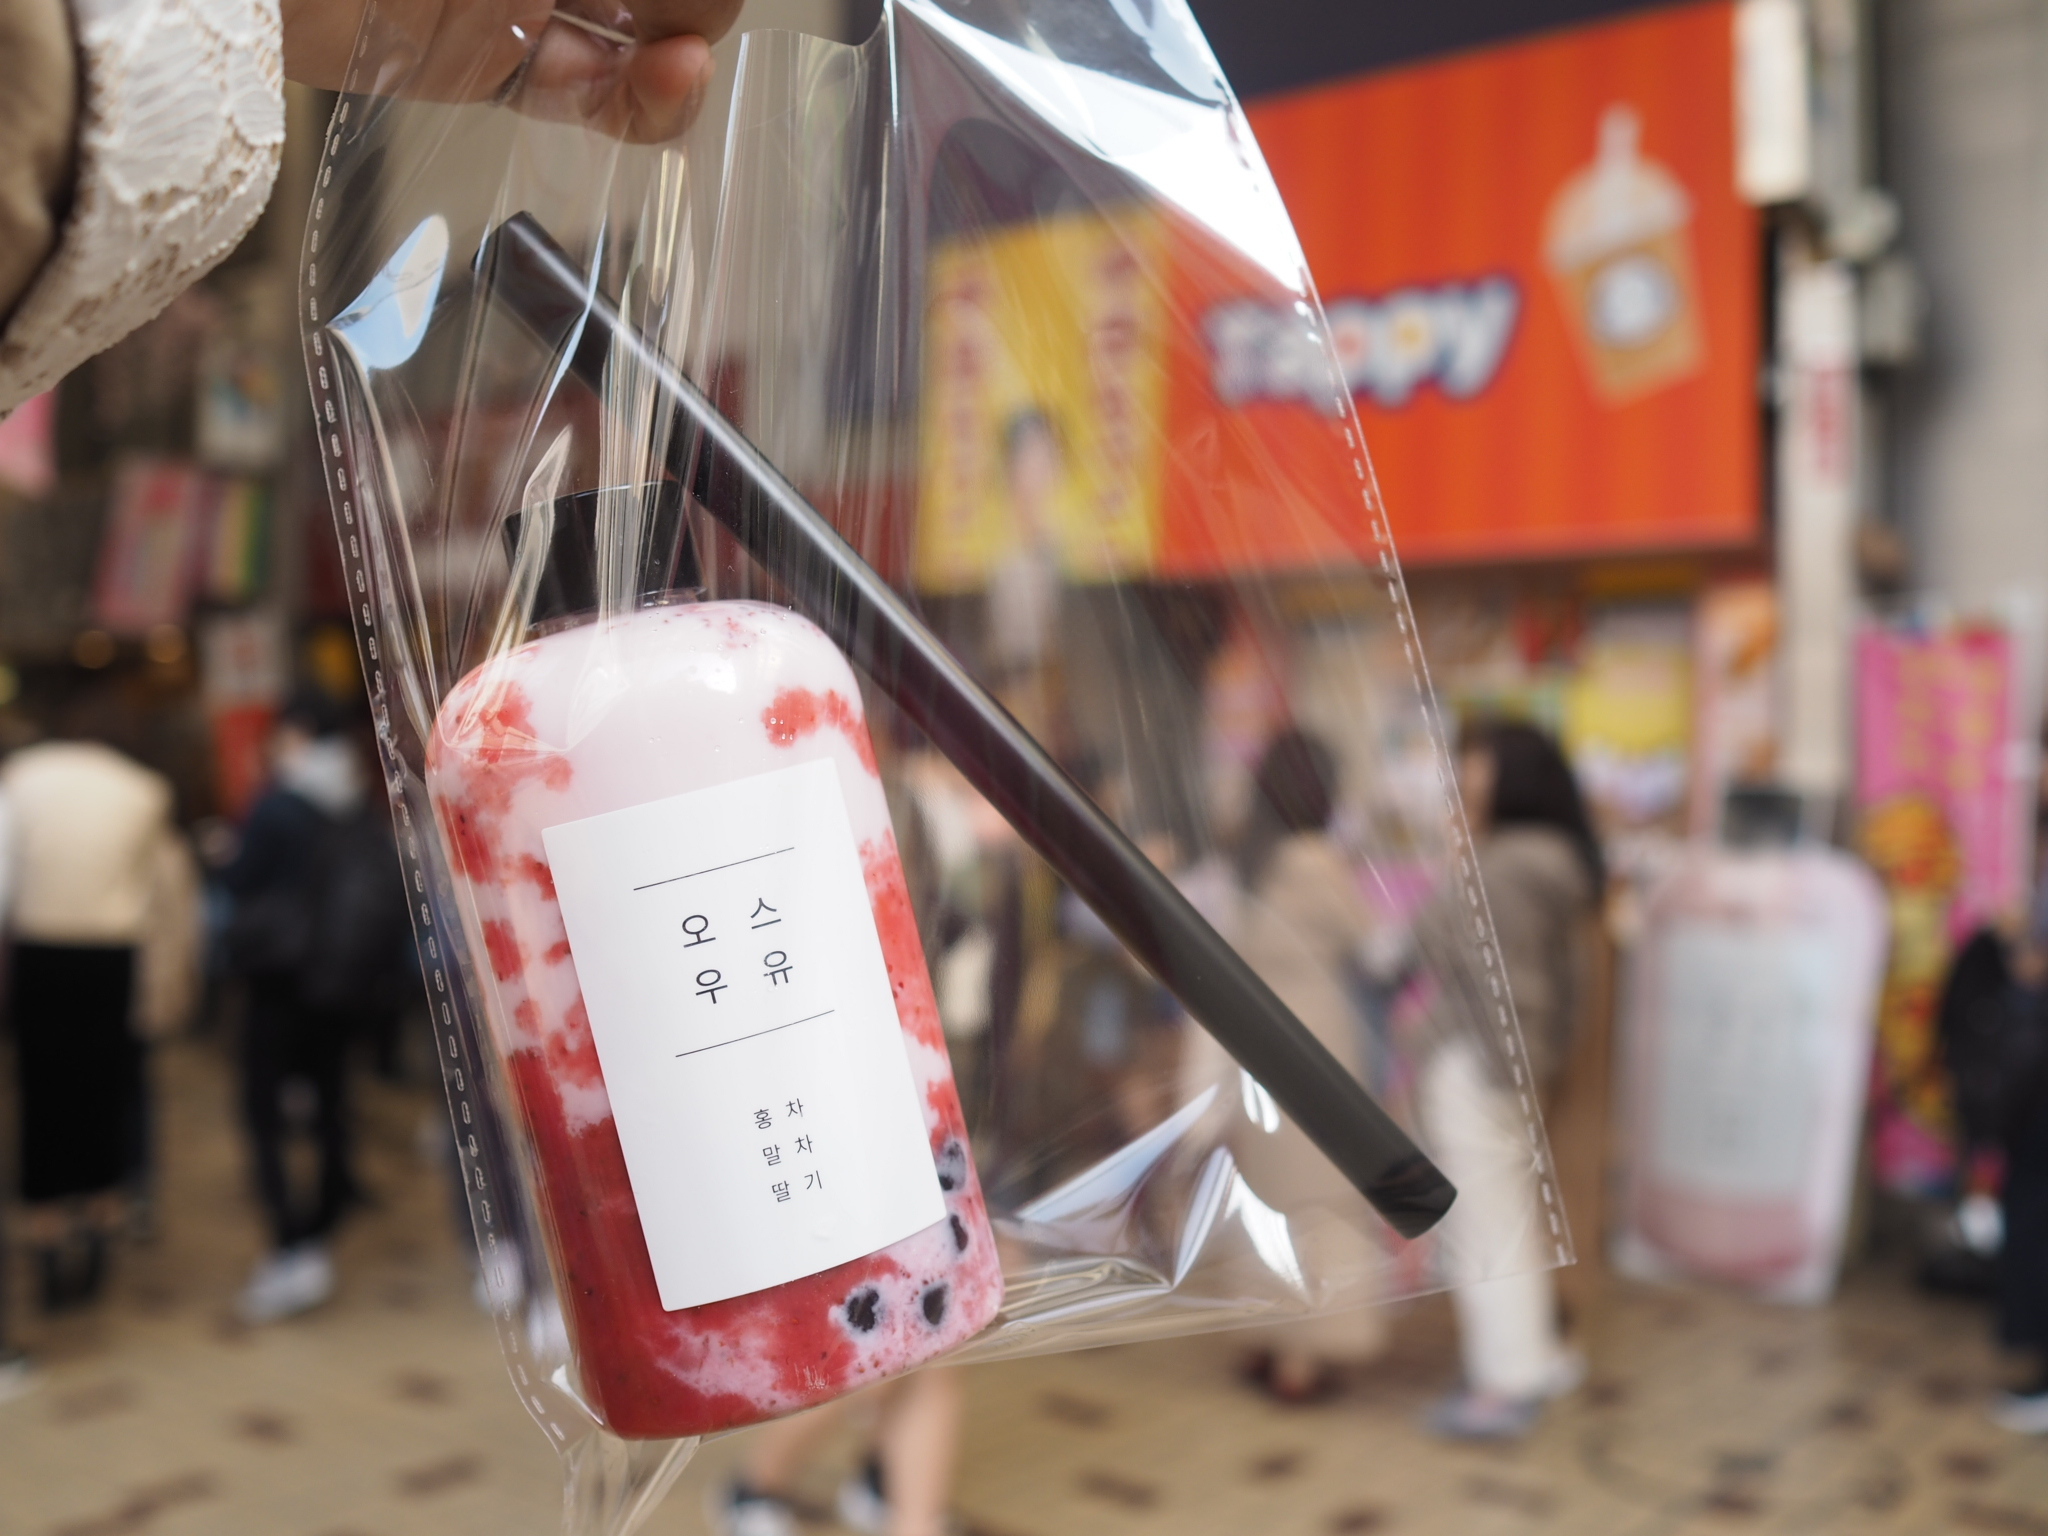 もちもち食感が人気!名古屋のタピオカドリンクのお店20選 - 837138c5f8a362bed56b686e62e4413b